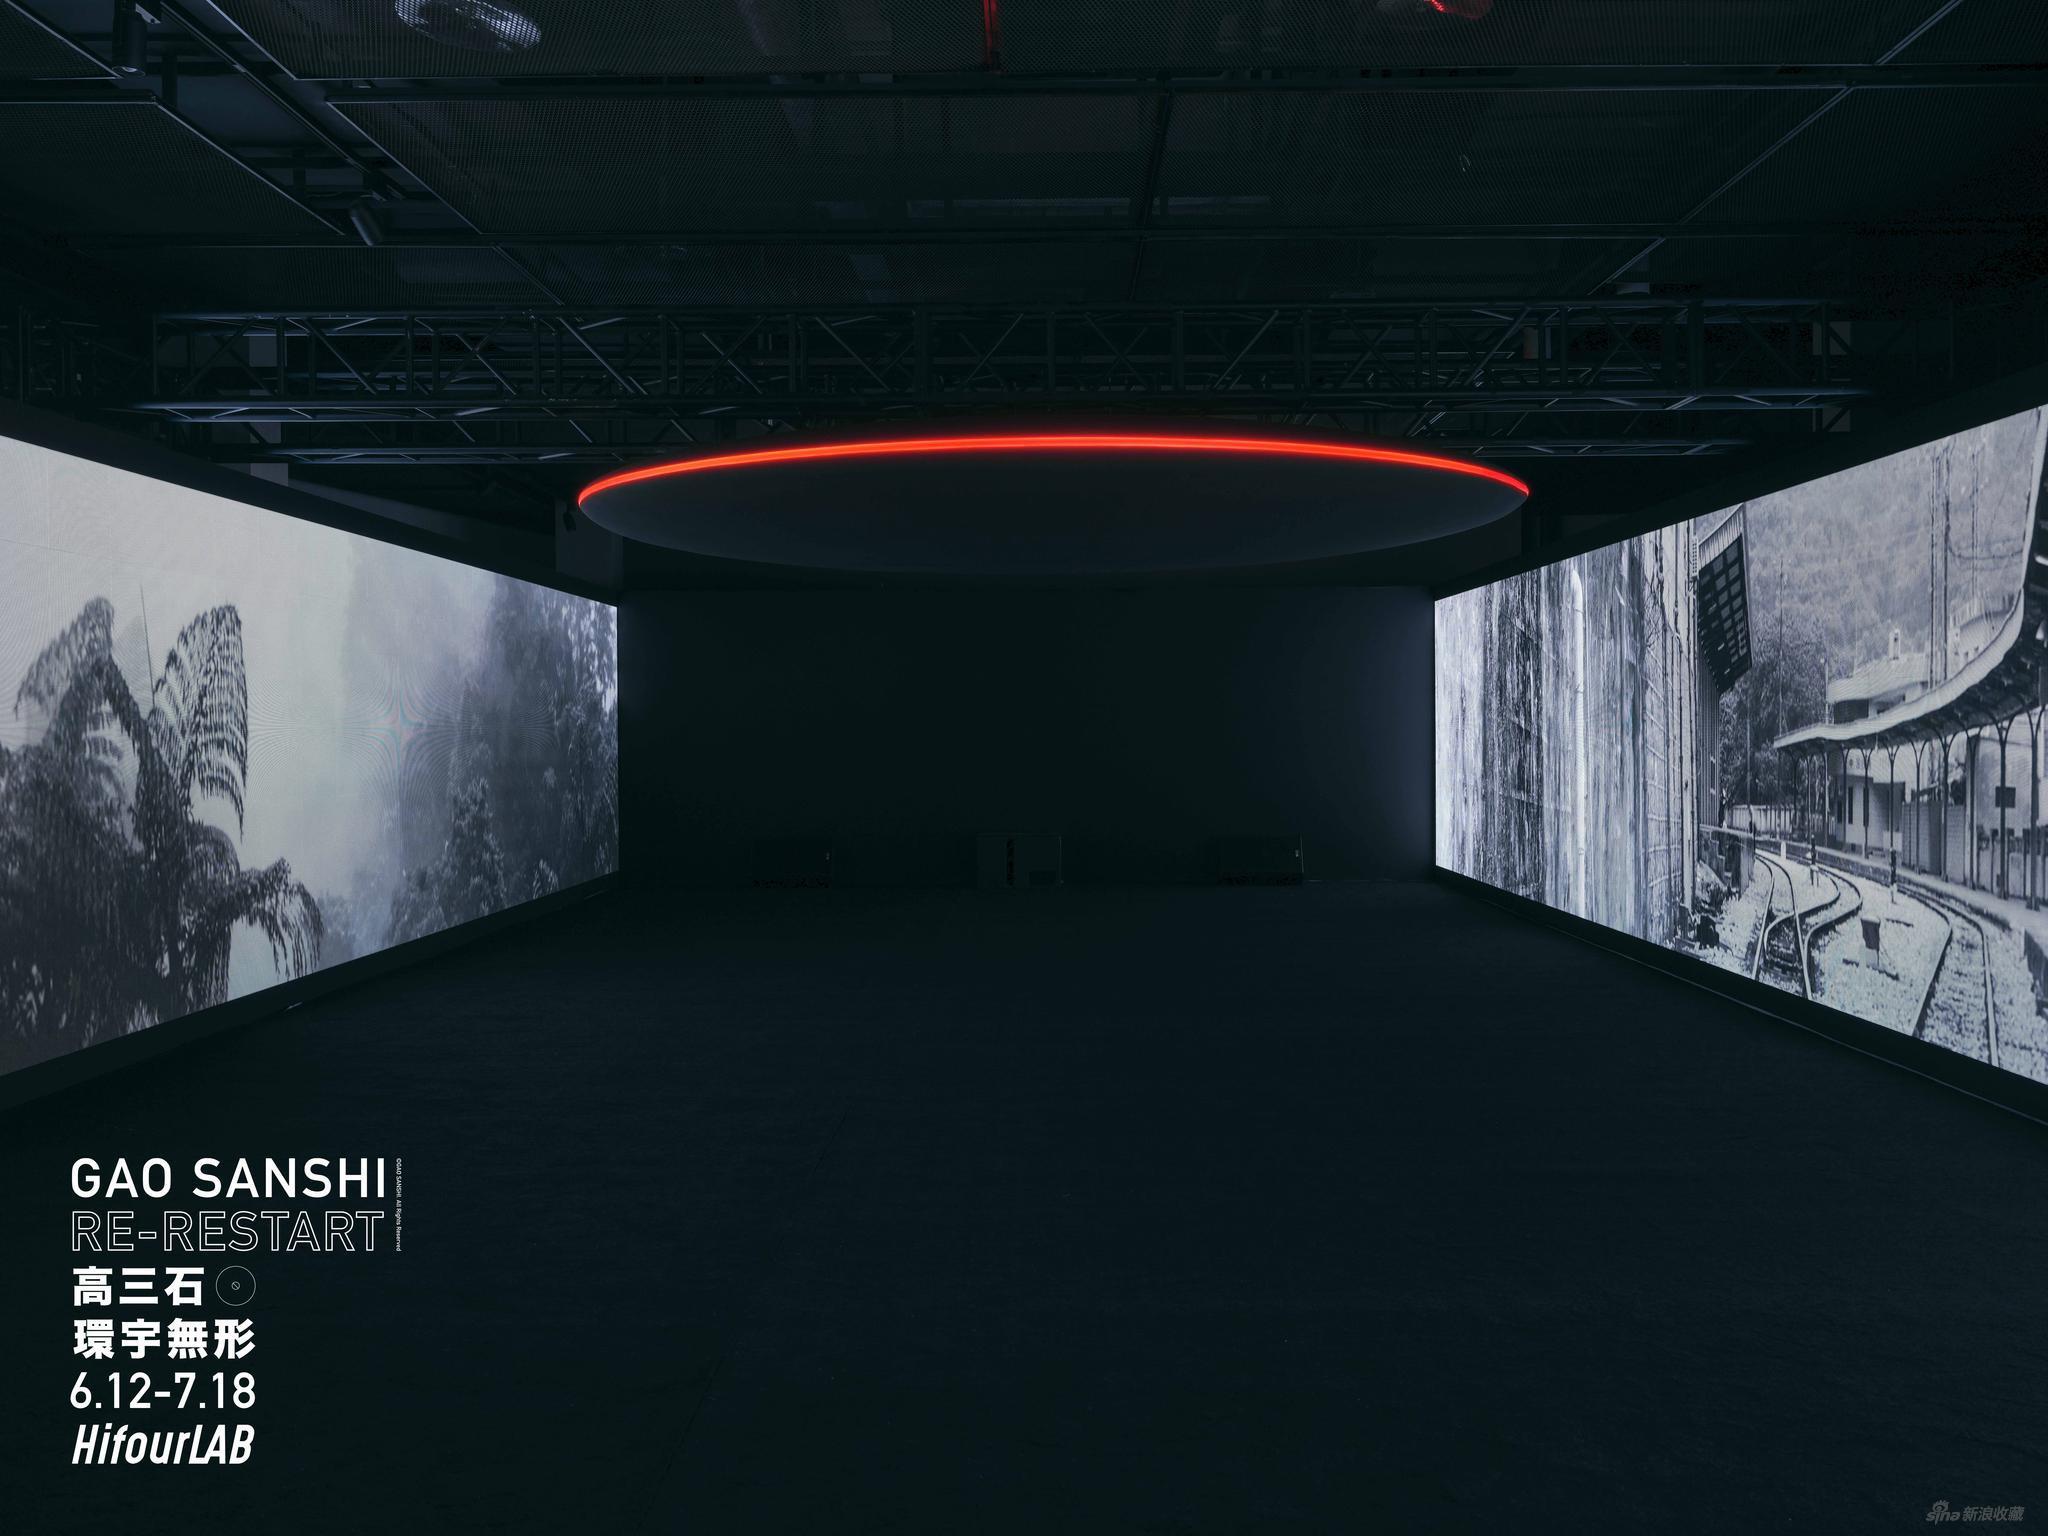 展览推荐|高三石《環宇無形》大型环境装置艺术展